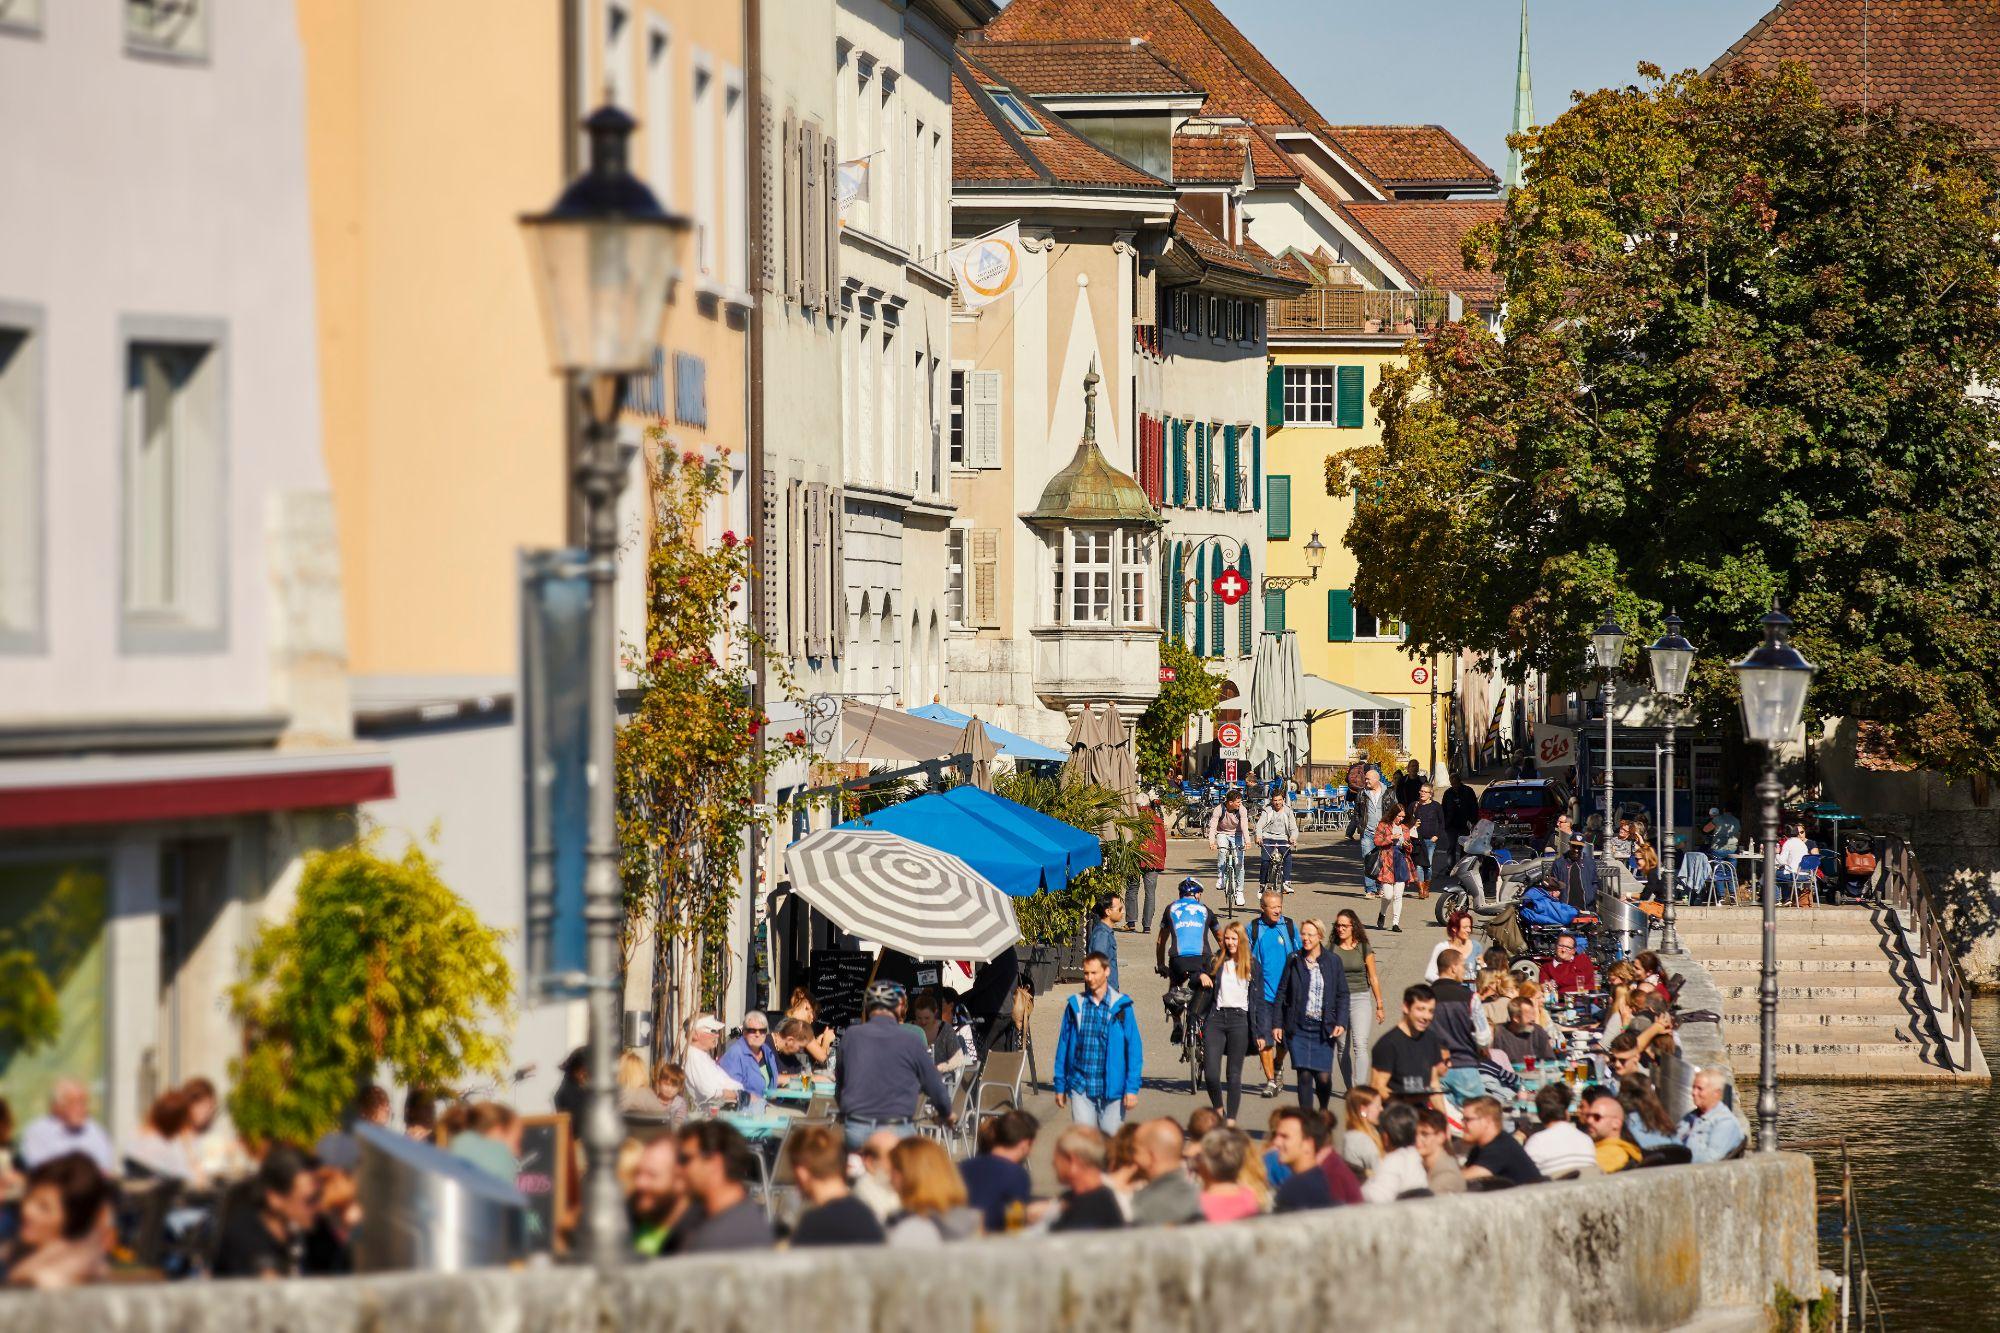 Aare-Riviera_Landhausqaui_1_© Solothurn Tourismus_Tino Zurbrügg.jpg